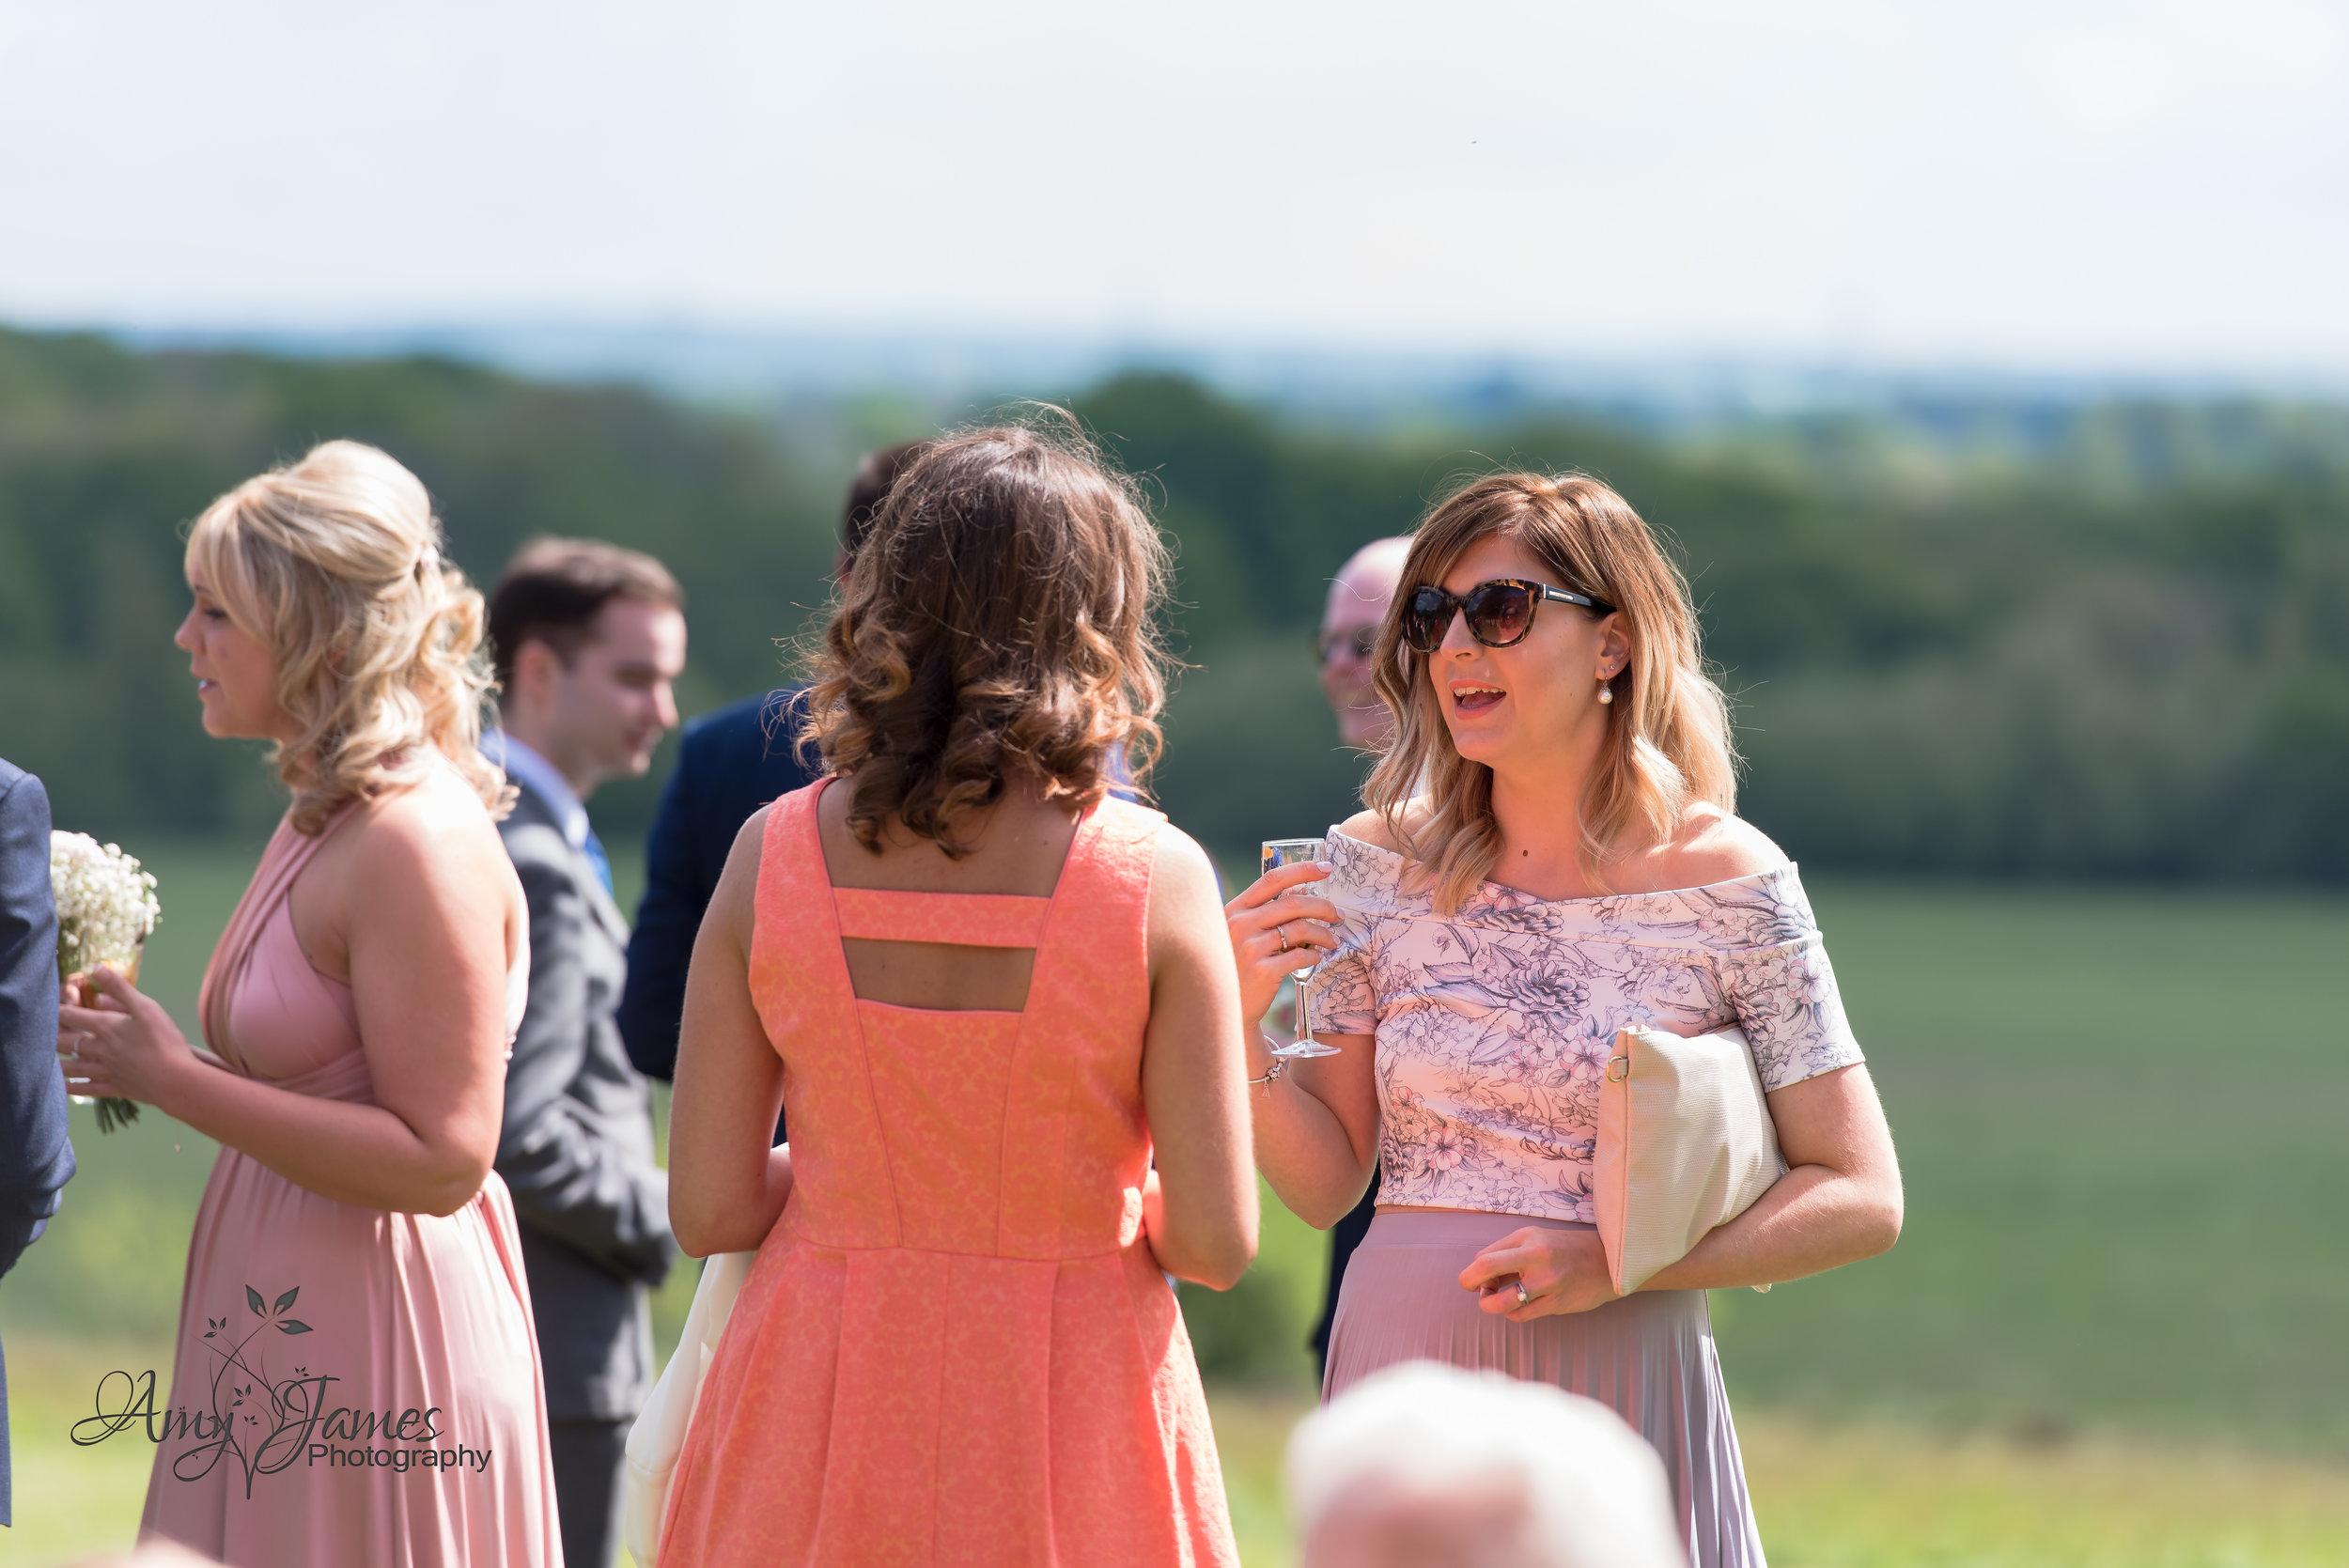 Hampshire wedding photographer | Fleet wedding photographer | Amy James photography